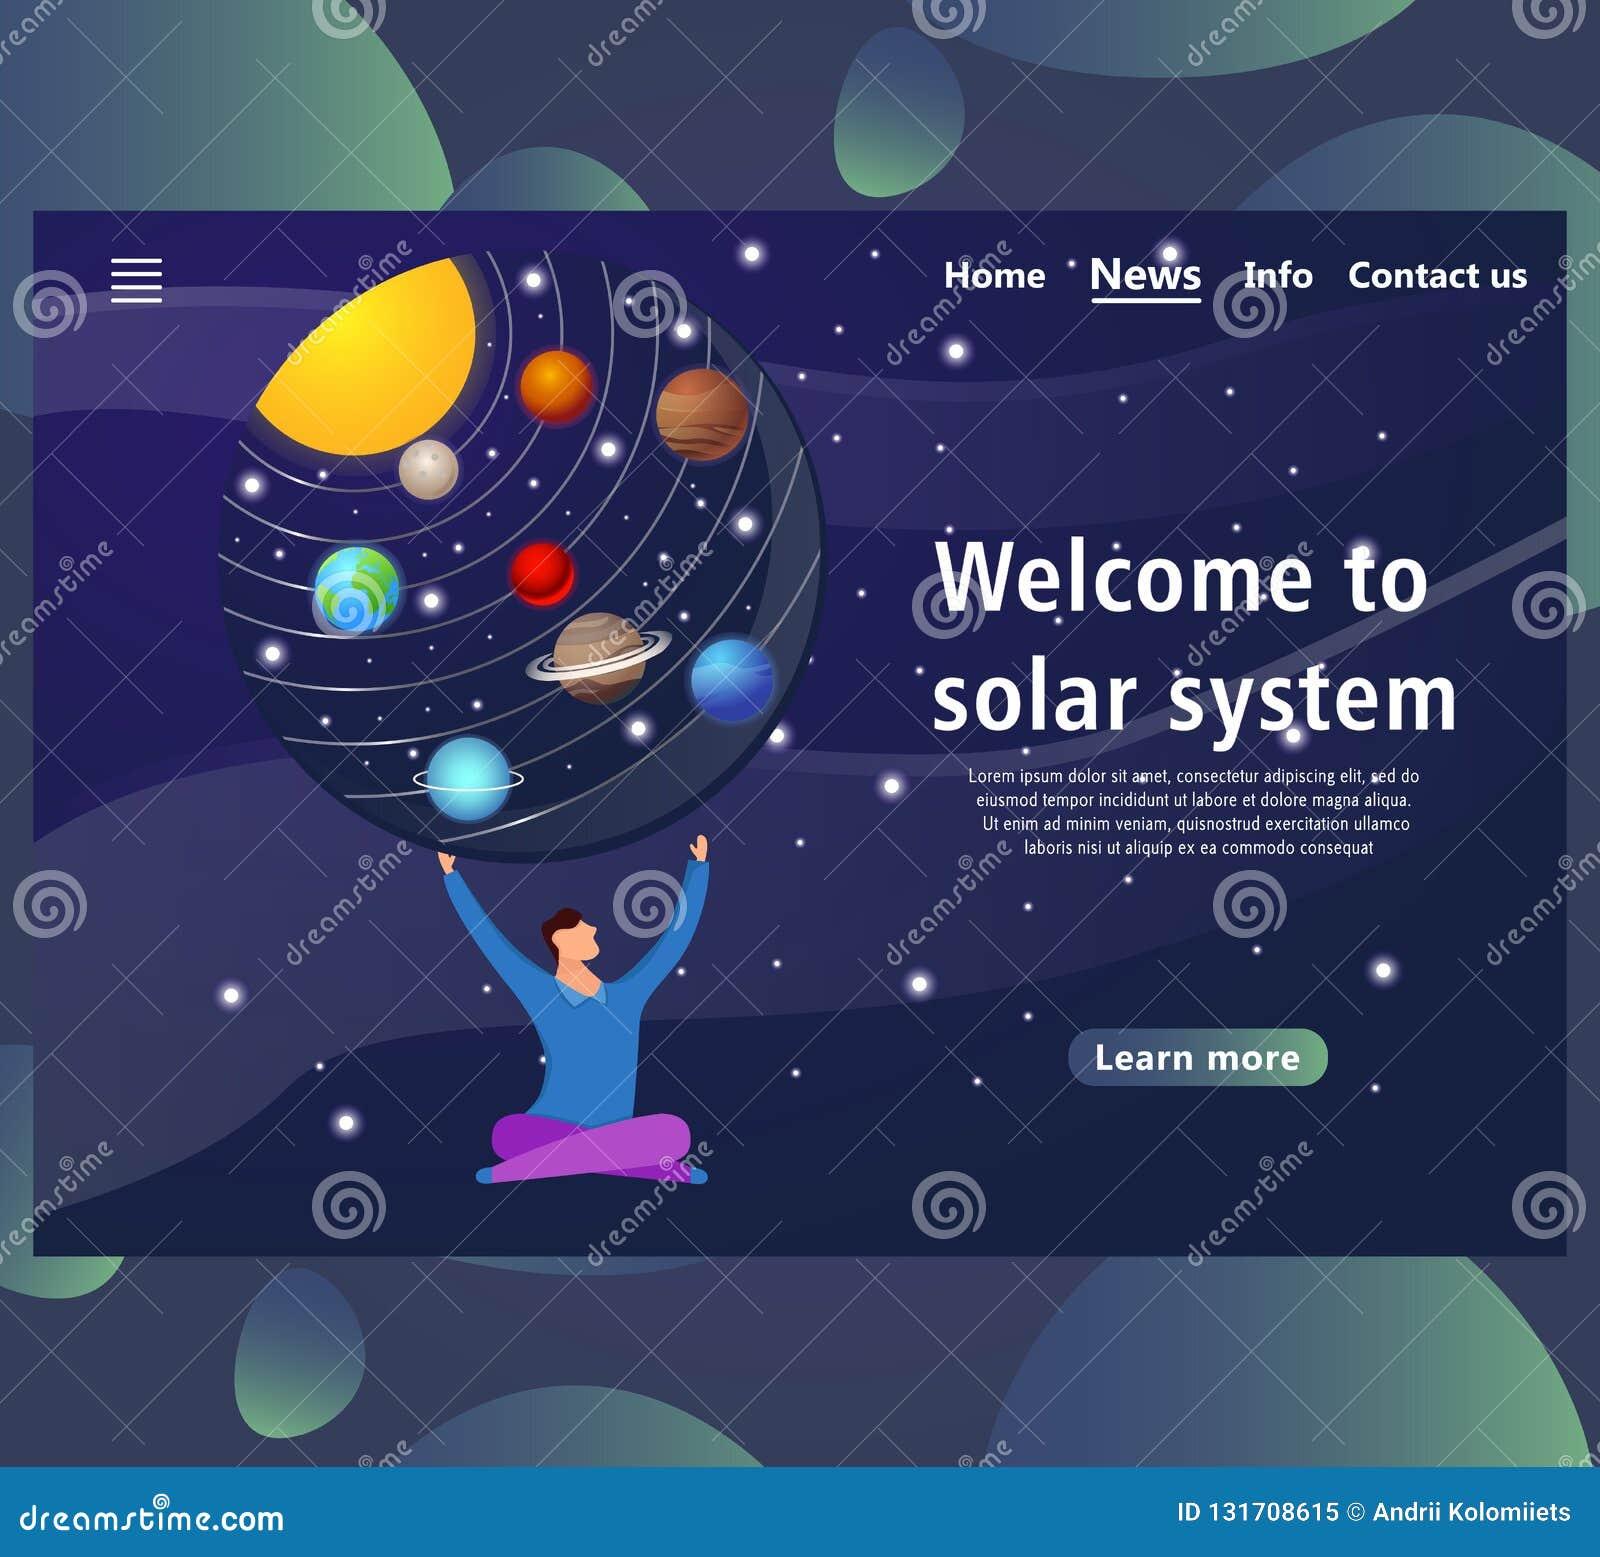 Plantillas de la página de la página web con diseño de sistemas solar